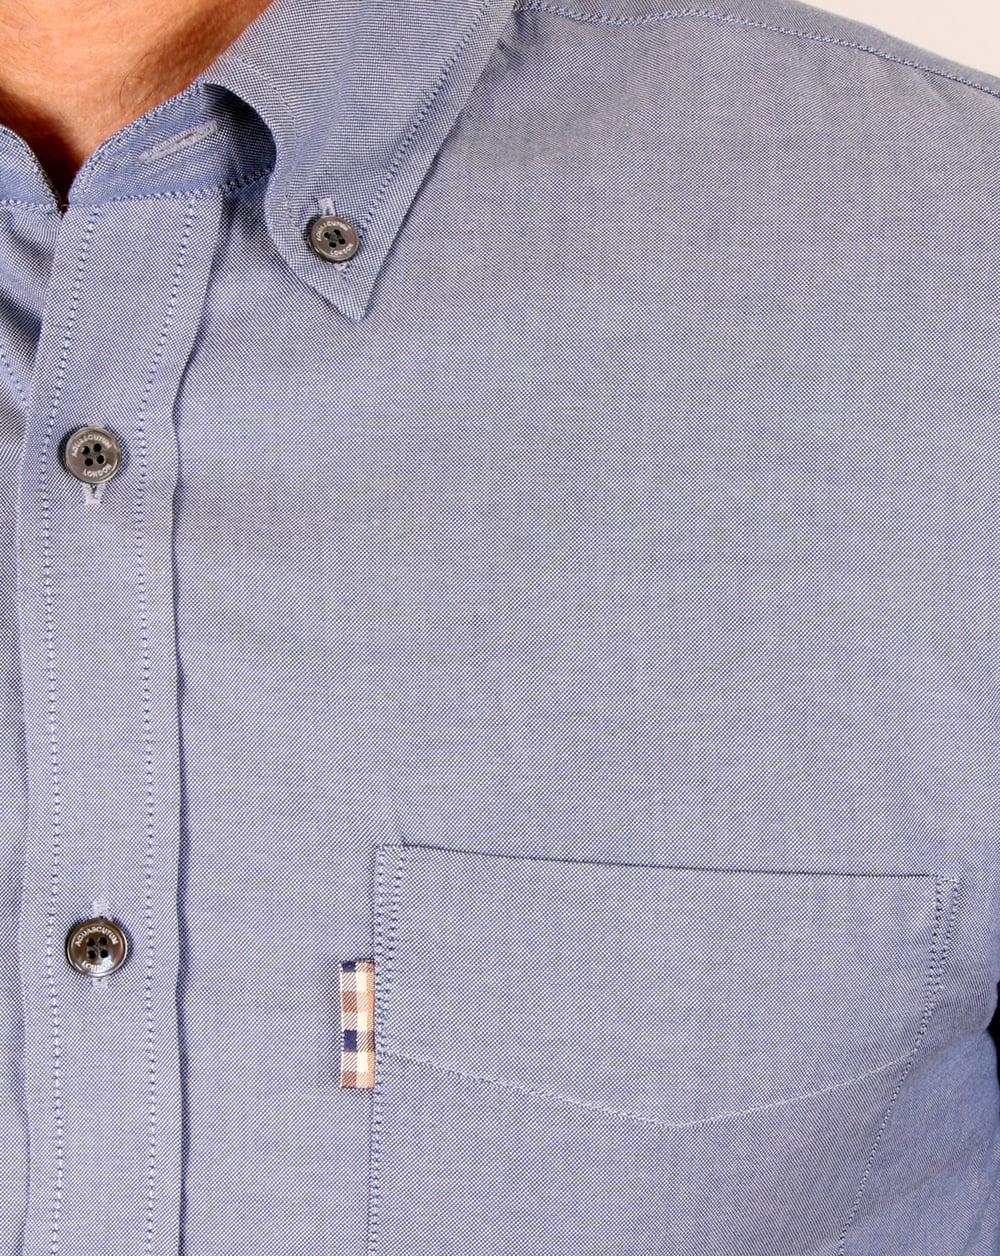 Mens Long Sleeve Oxford Shirts